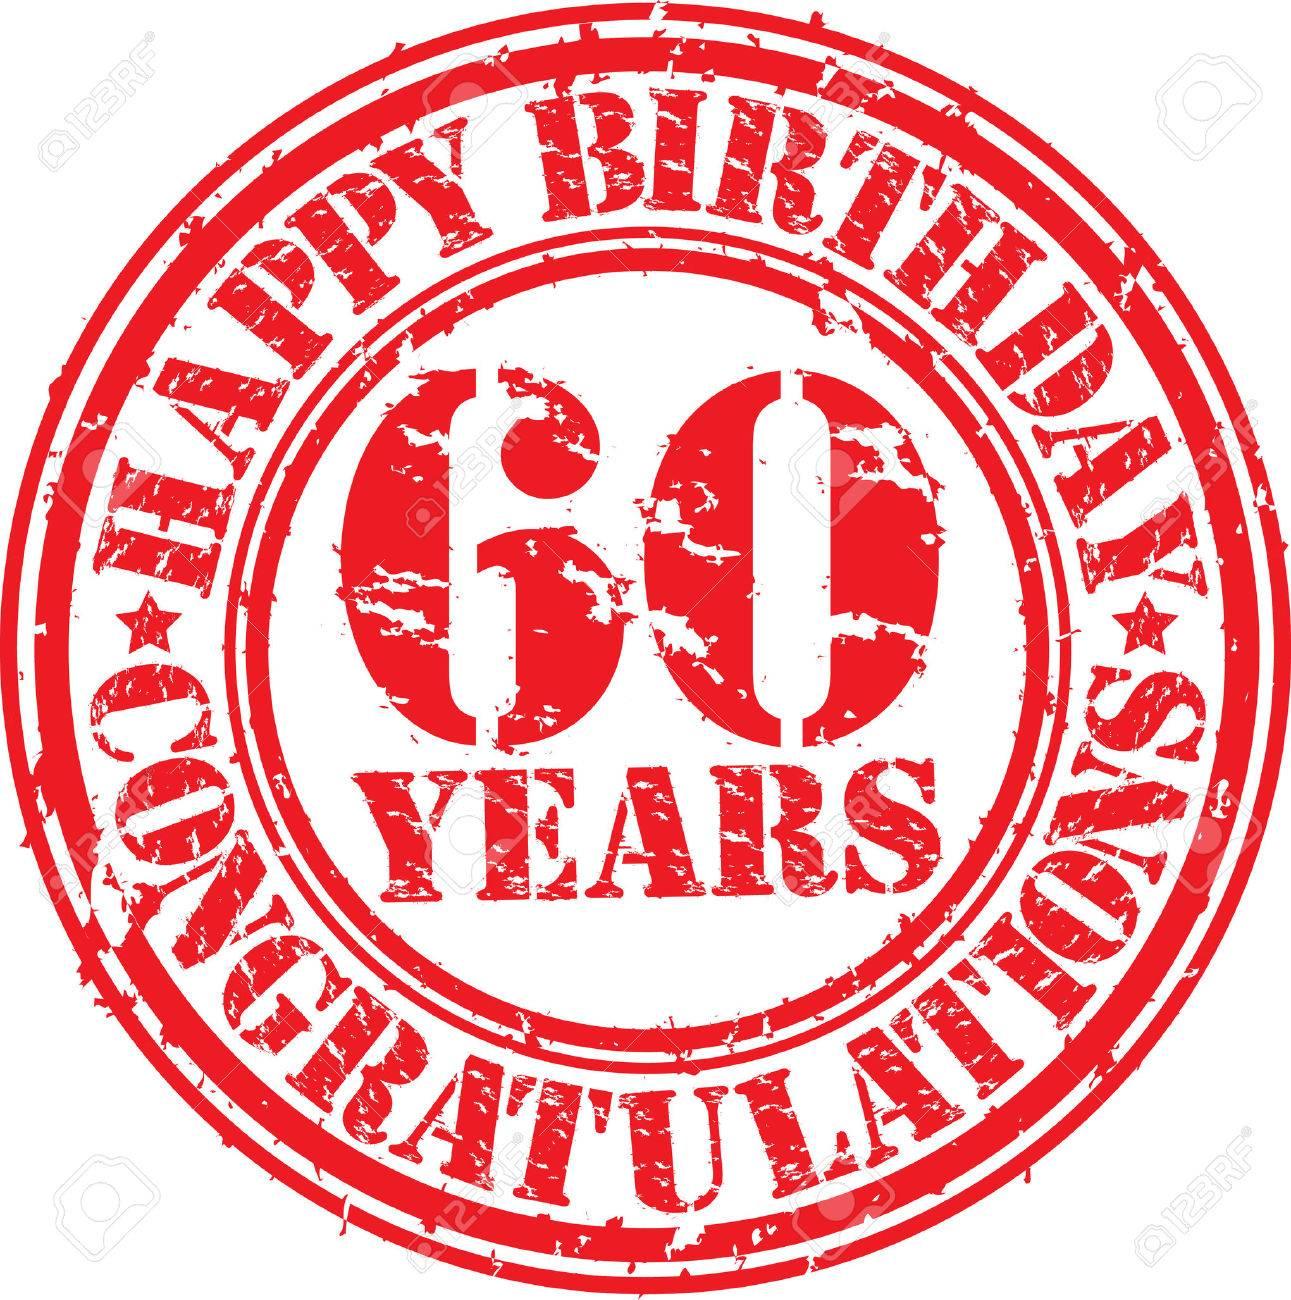 eb24b85310a9 Feliz cumpleaños 60 años grunge sello de goma, ilustración vectorial Foto  de archivo - 26356719